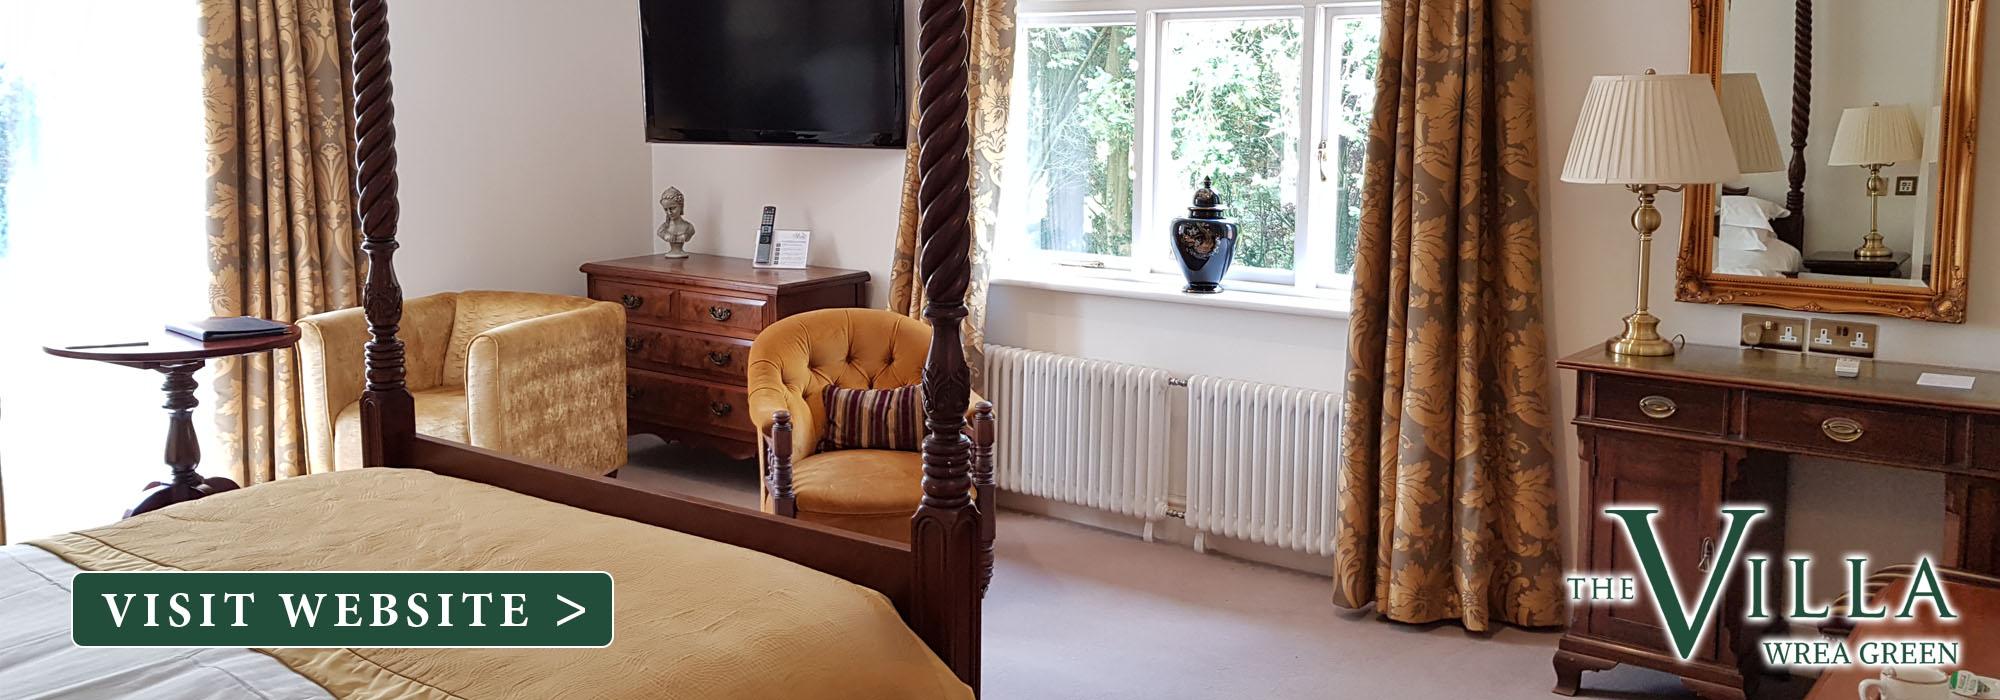 the villa wrea green bedroom